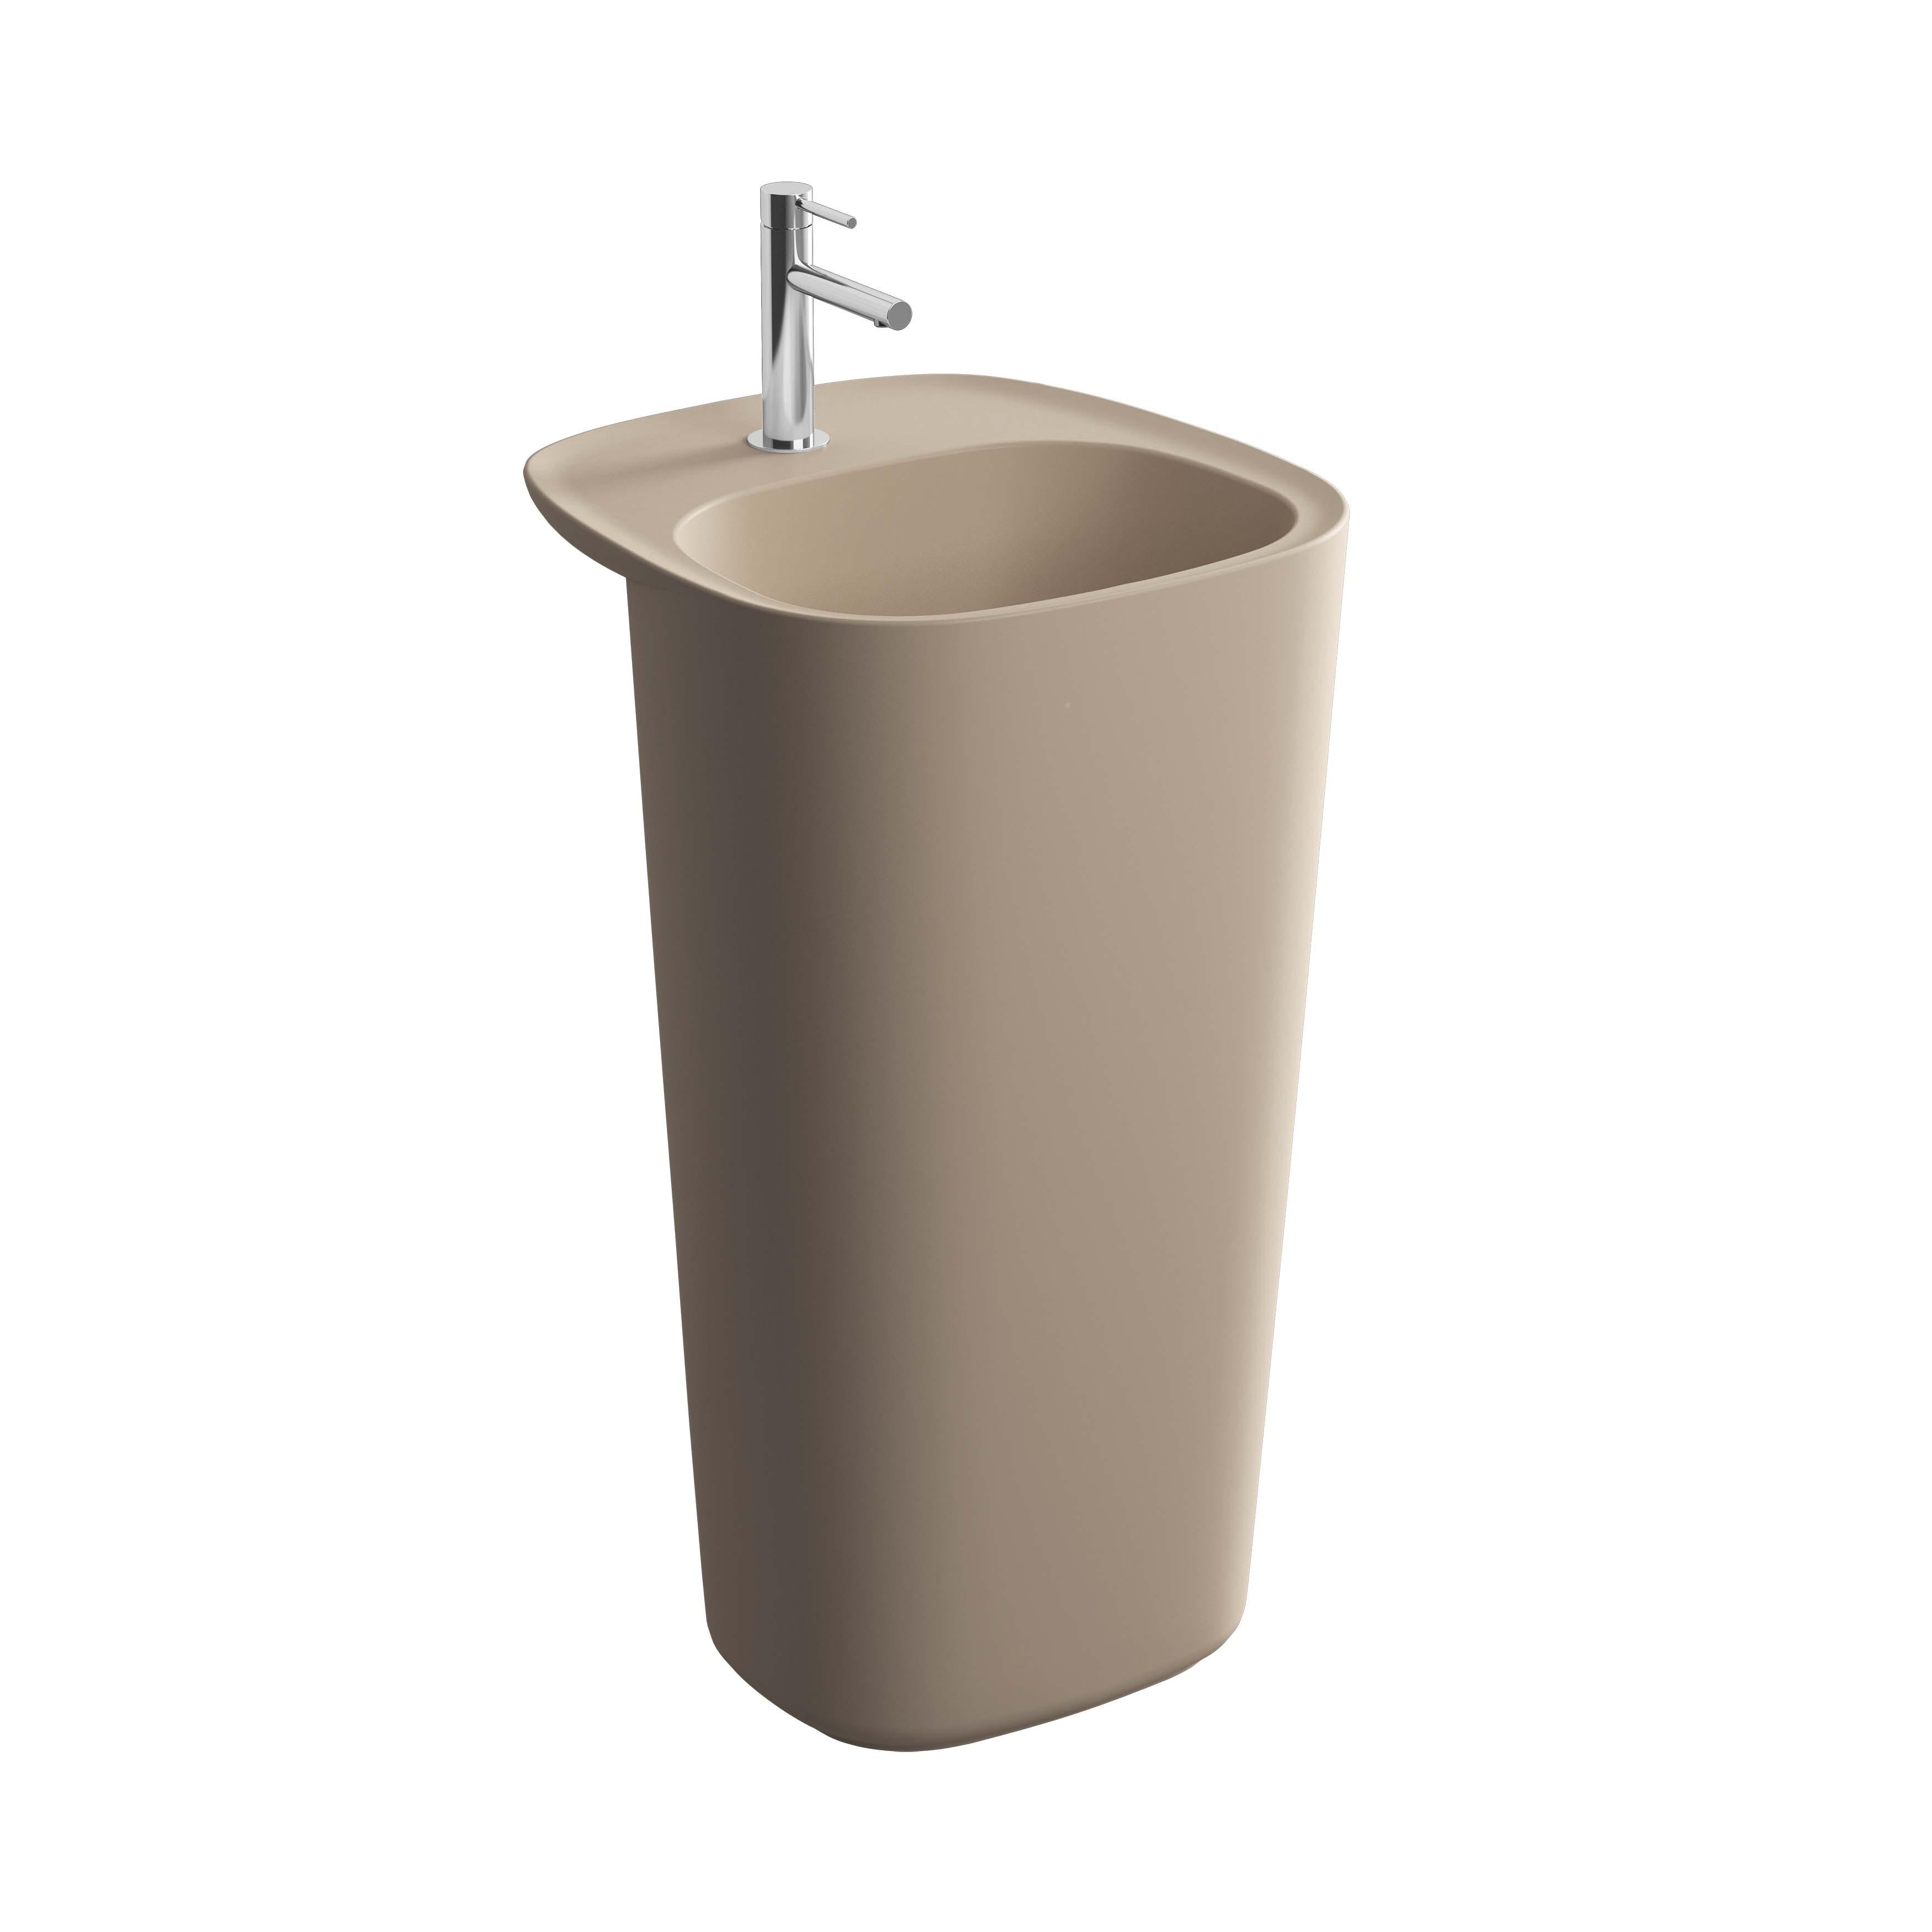 Plural lavabo monobloc, sans trop-plein, argile mat